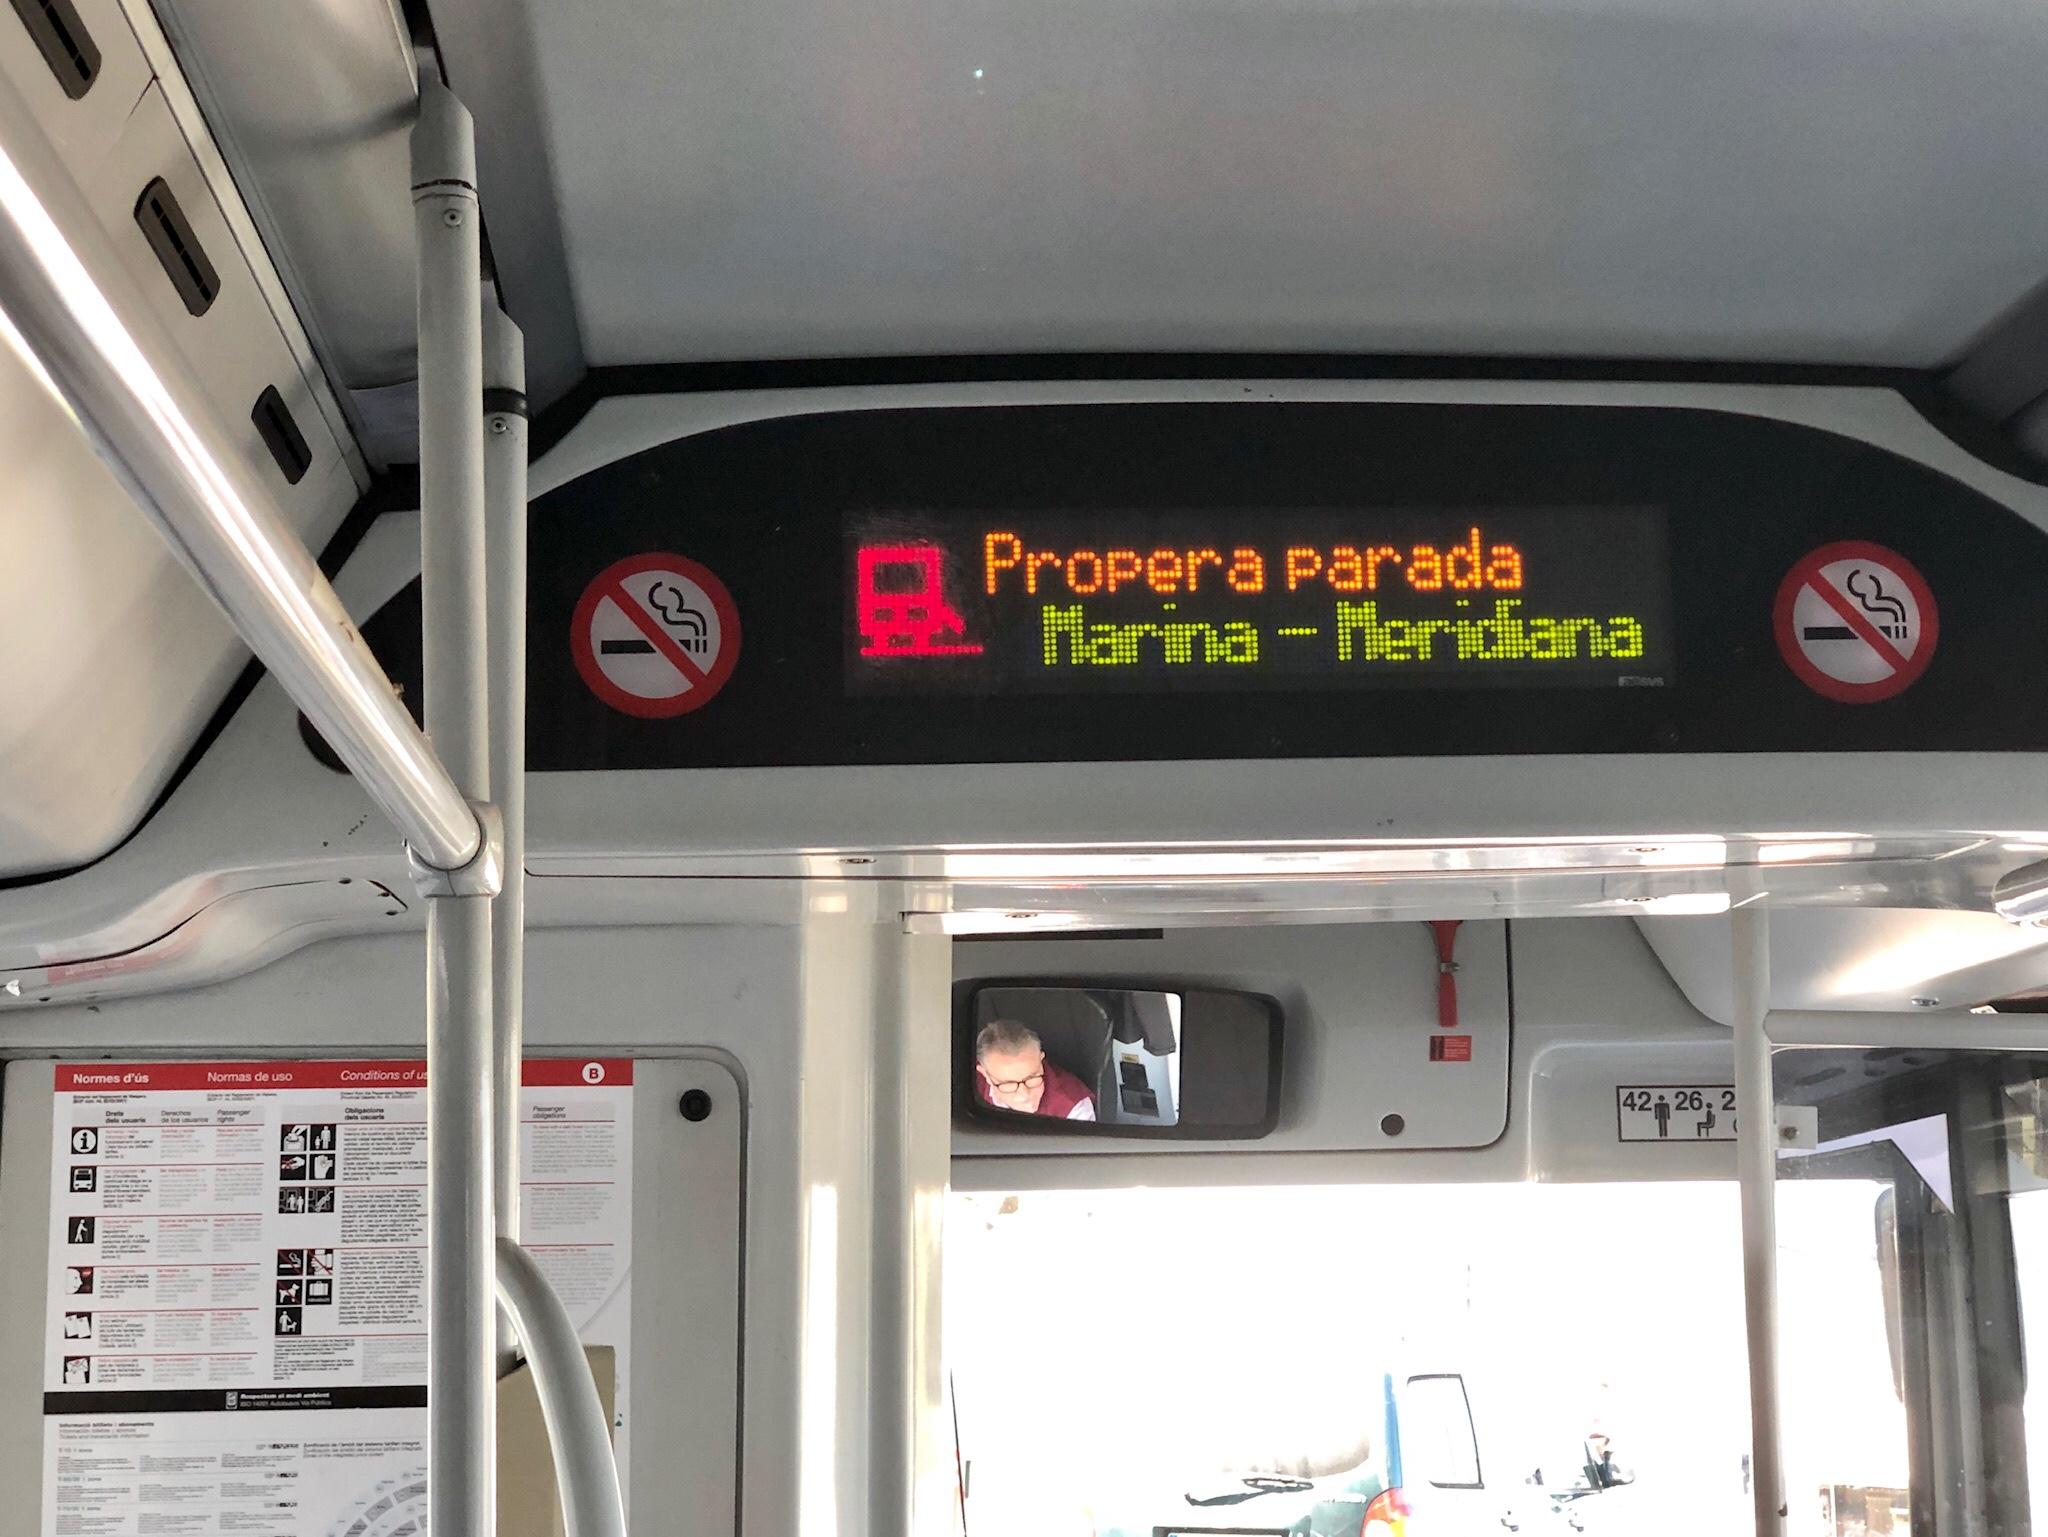 Anzeige im Bus mit nächste Haltestelle und Symbol für die angeforderte Rampe